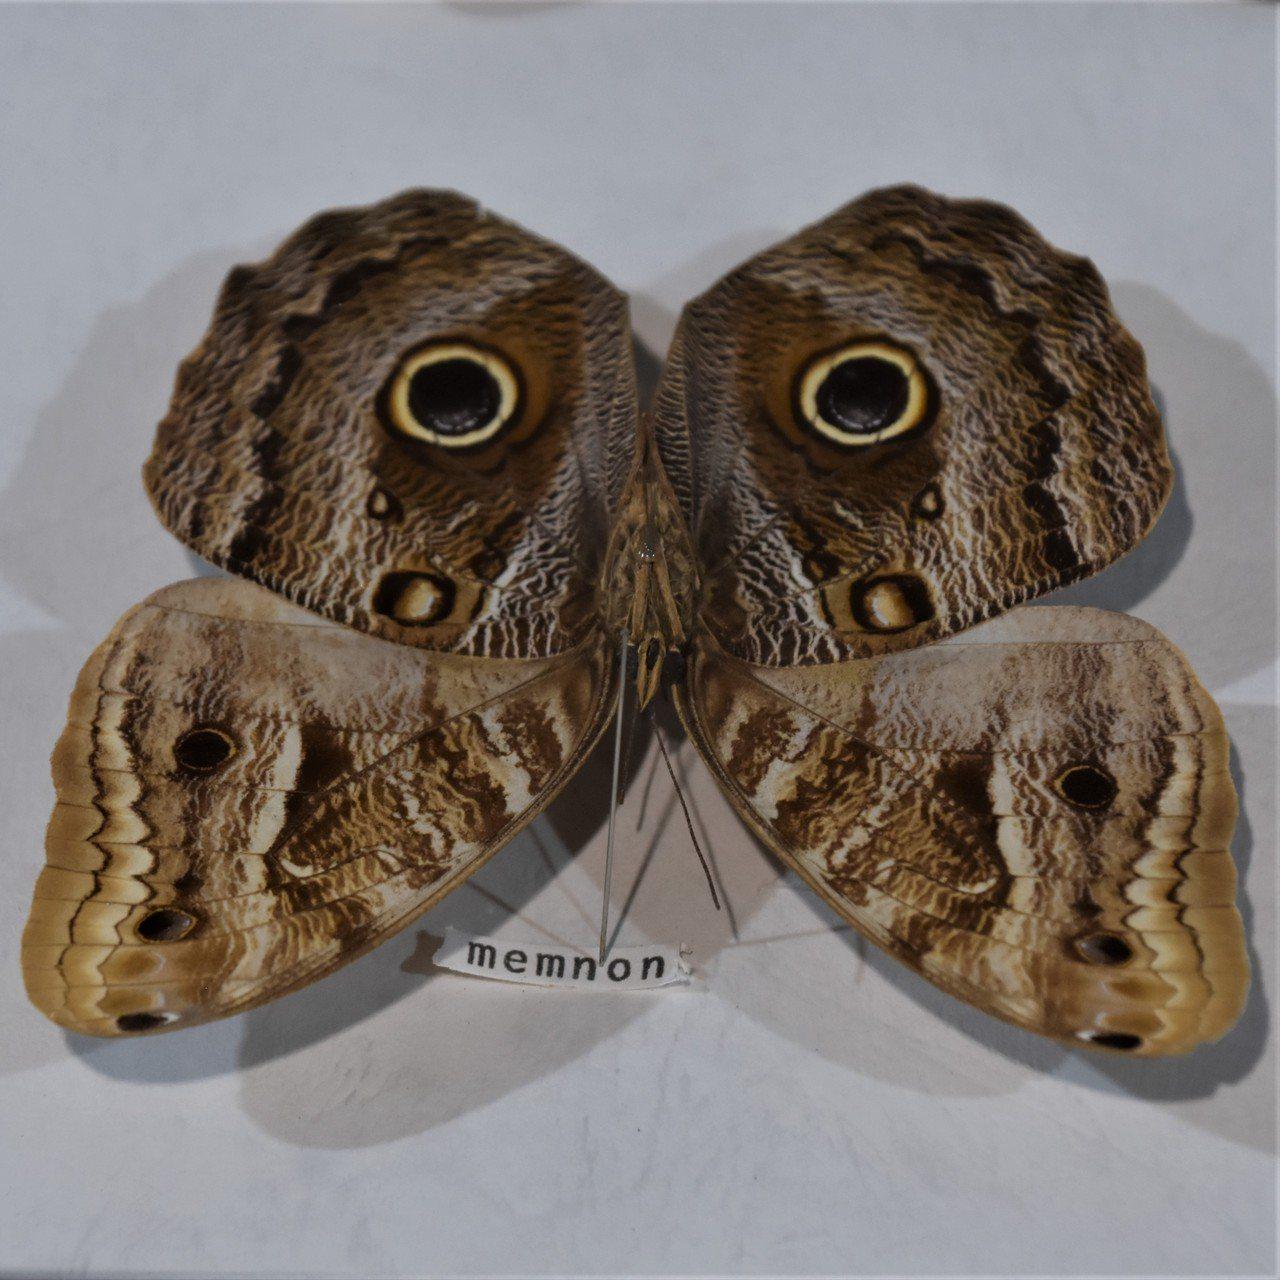 來自中南美原始森林的貓頭鷹蝶,蝶翅反面有類似貓頭鷹的紋路,後翅明顯的大型眼紋,像...